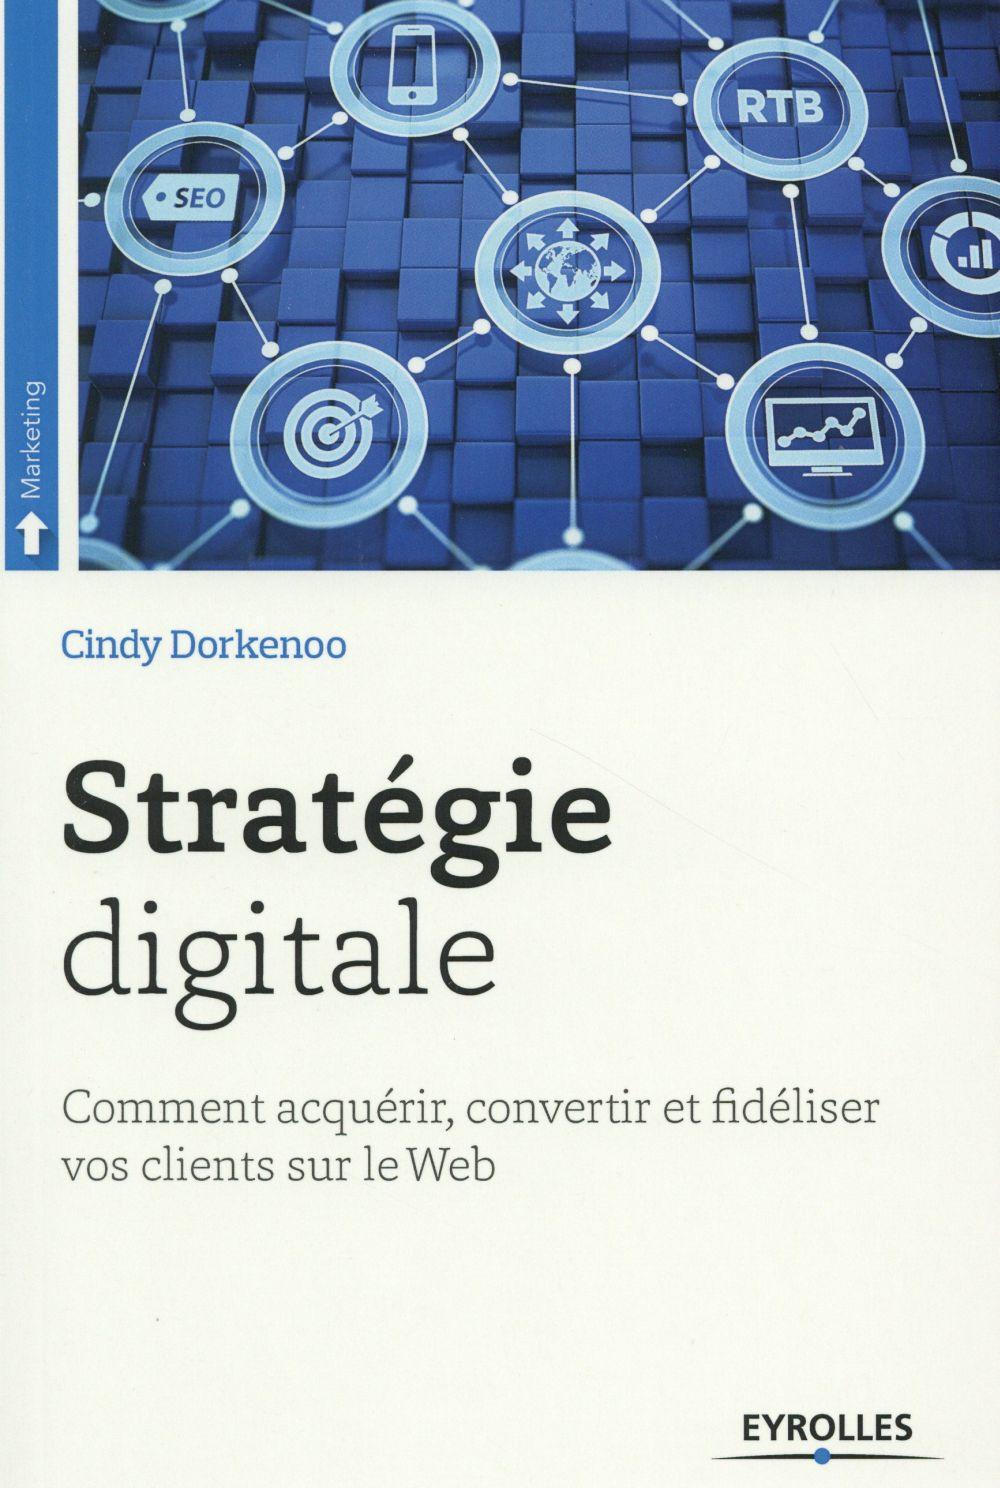 Stratégie digitale : comment acquérir, convertir et fidéliser vos clients sur le web | Dorkenoo, Cindy. Auteur